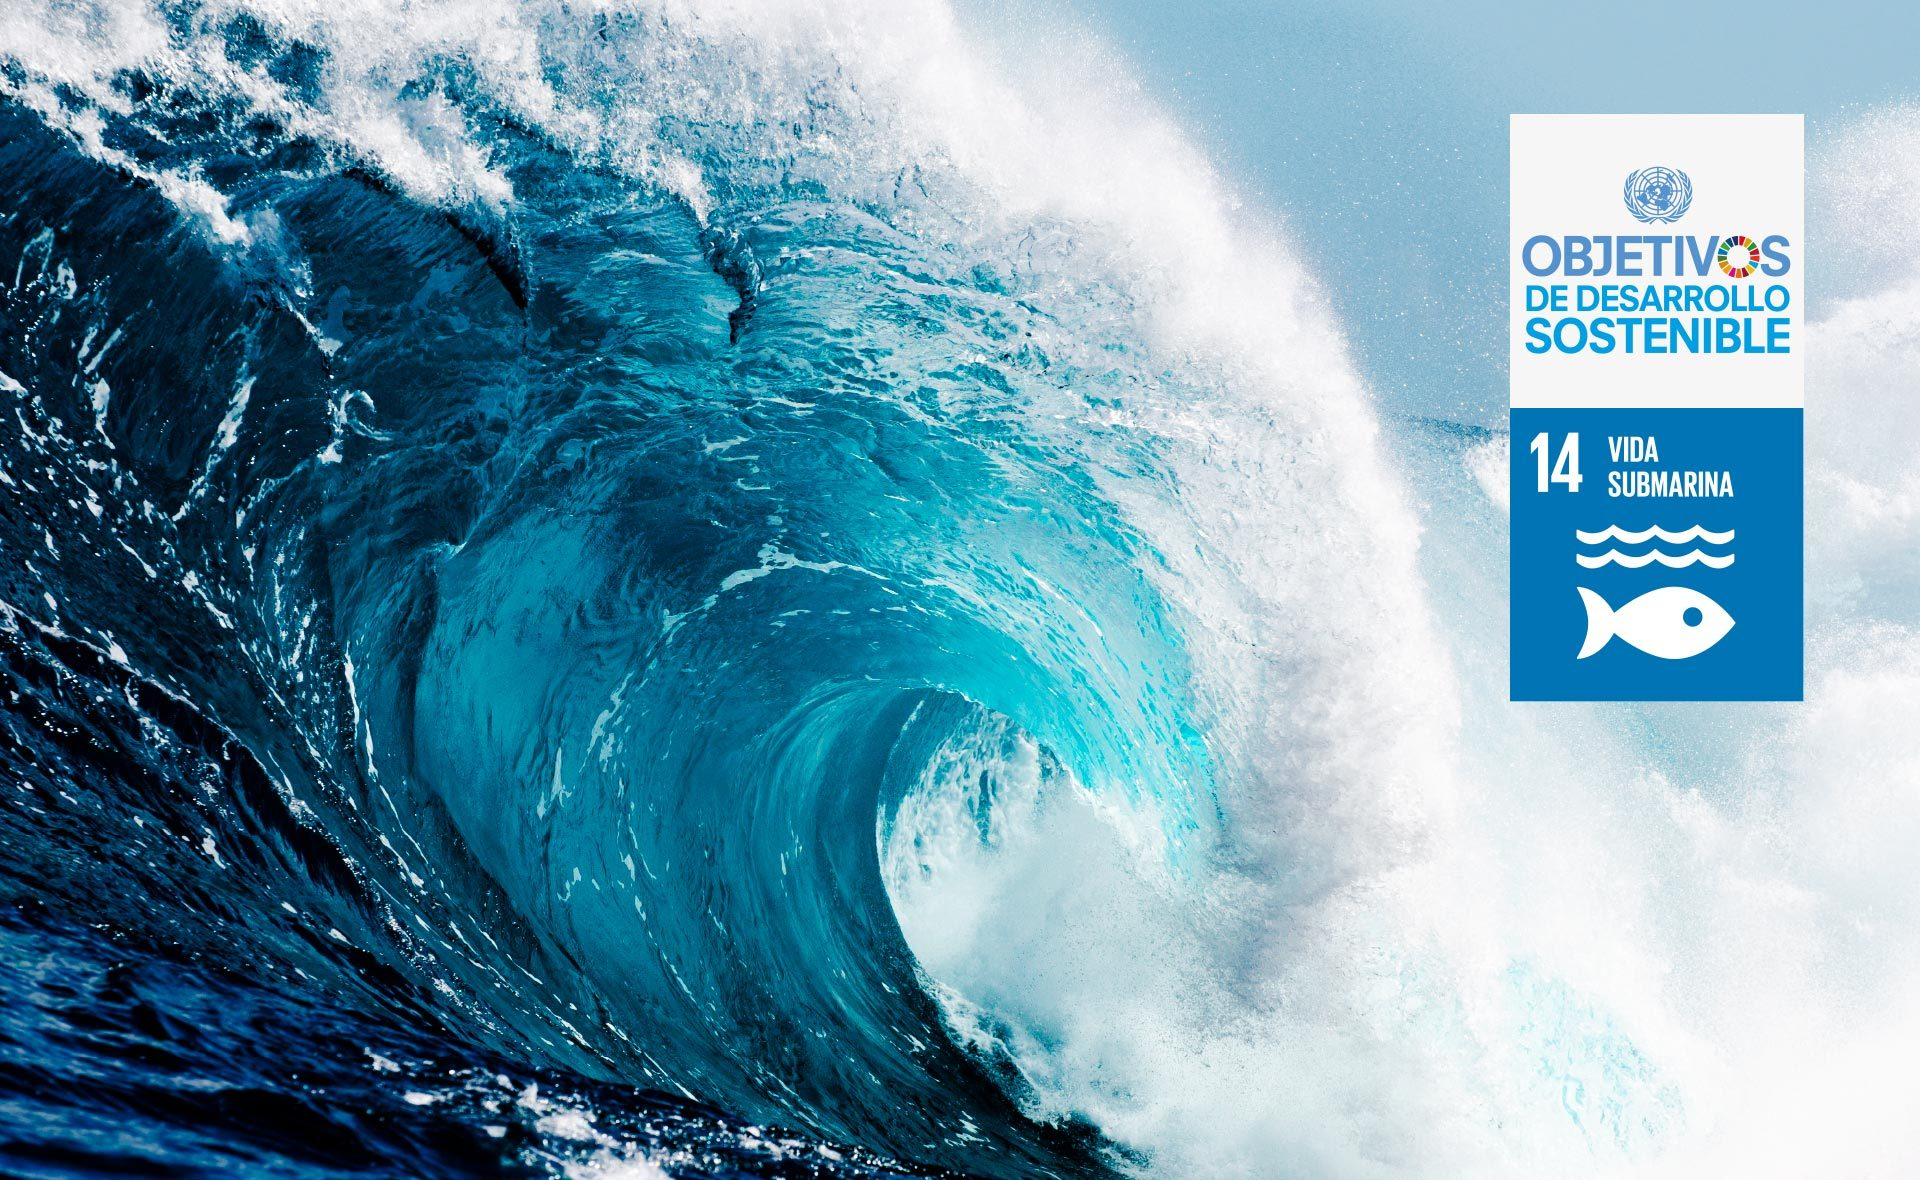 oceanos-mares-cuidado-medioambiente-objetivos-ODS-sostenibilidad-vida-submarina-bbva